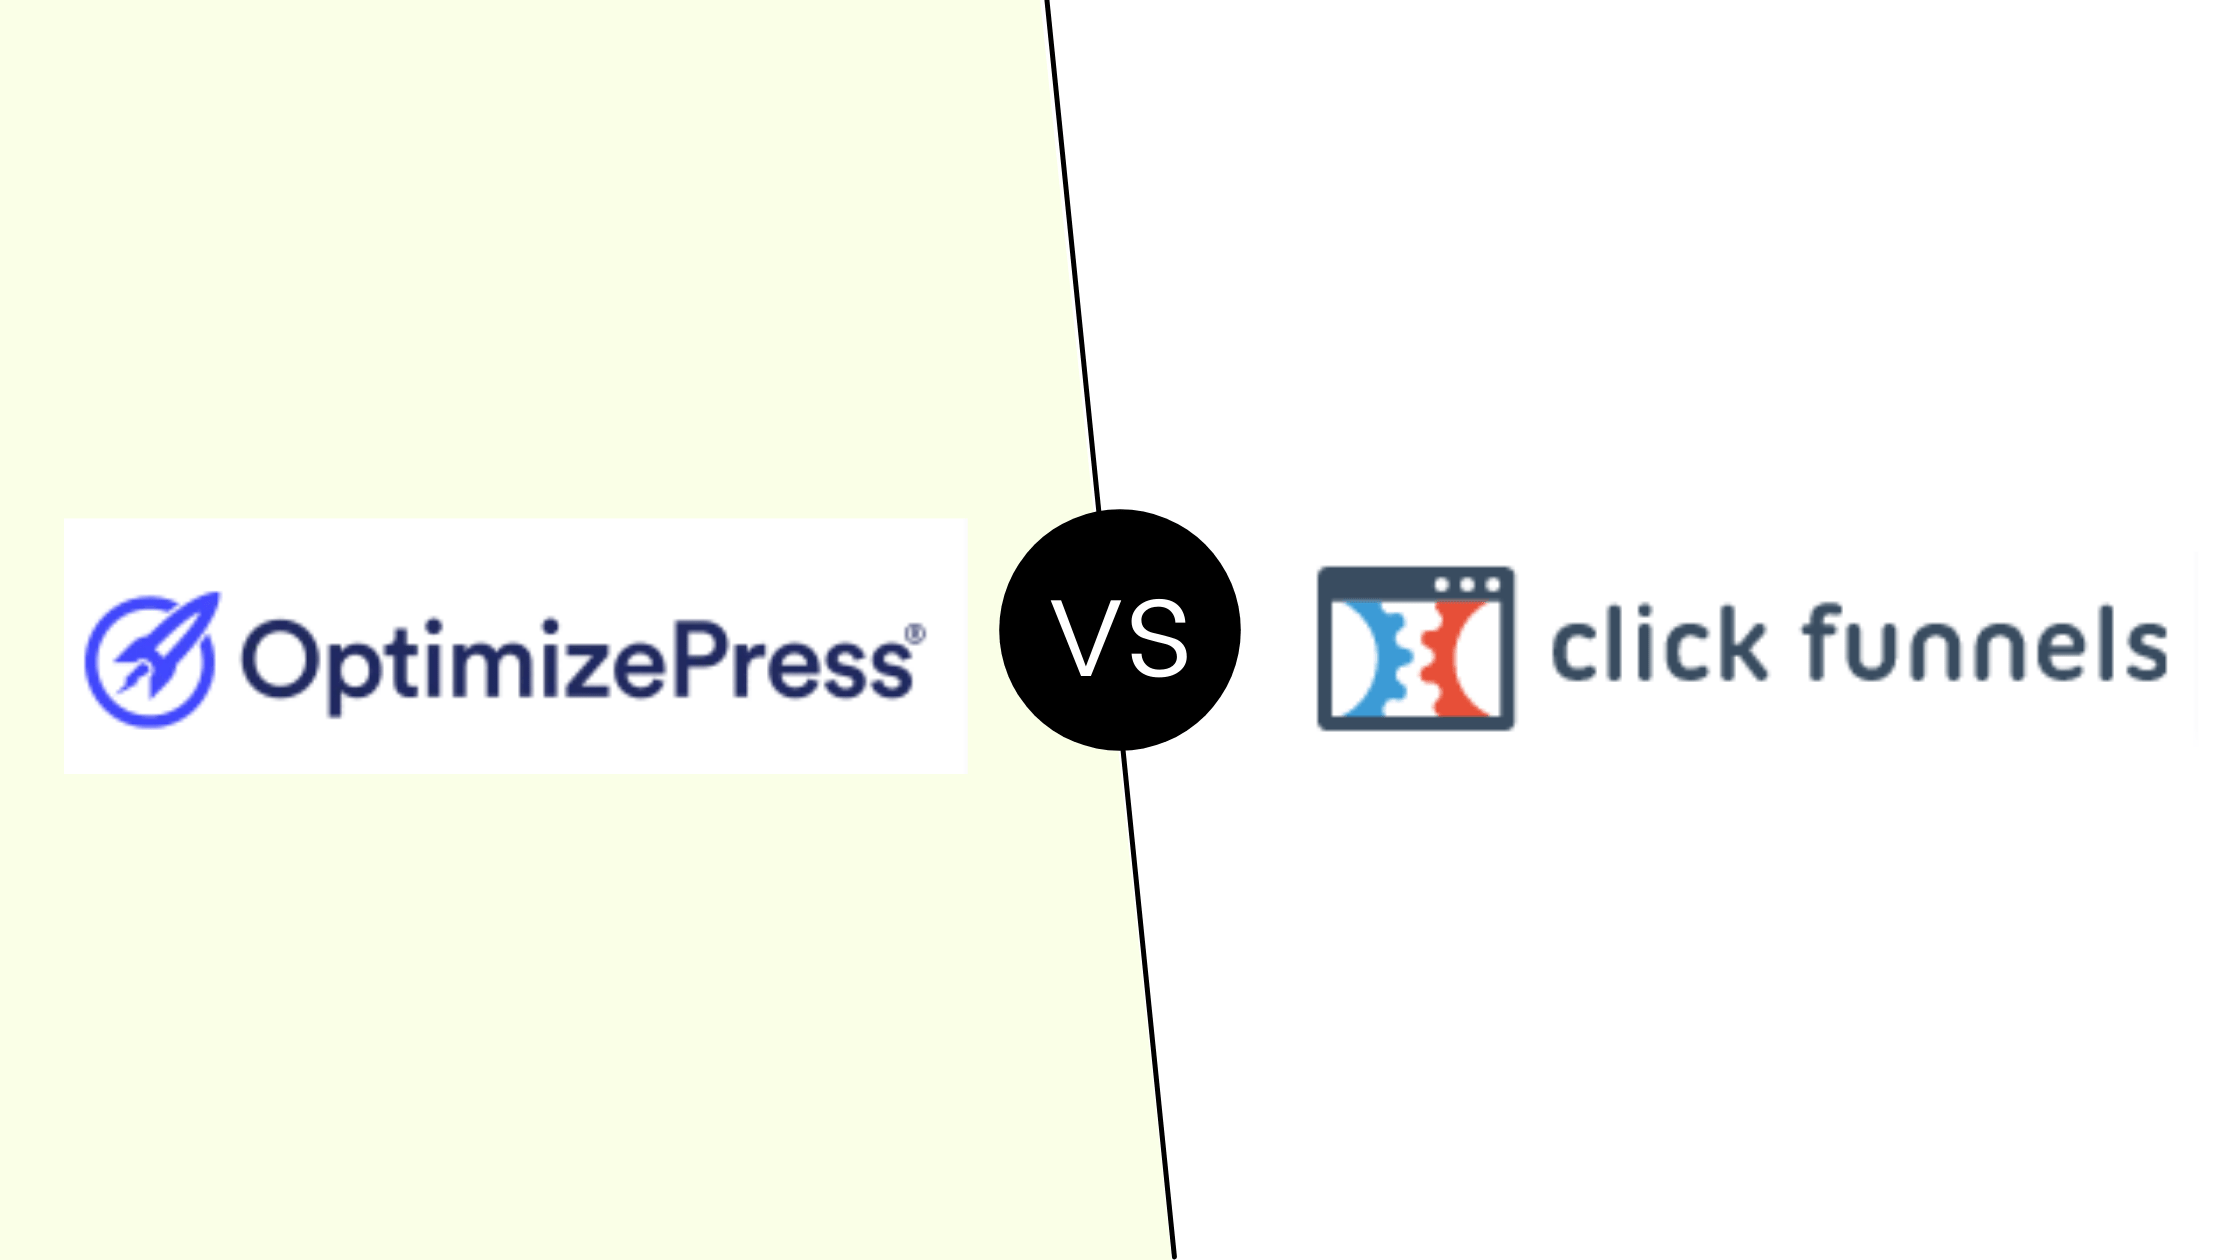 Optimizepress vs ClickFunnel